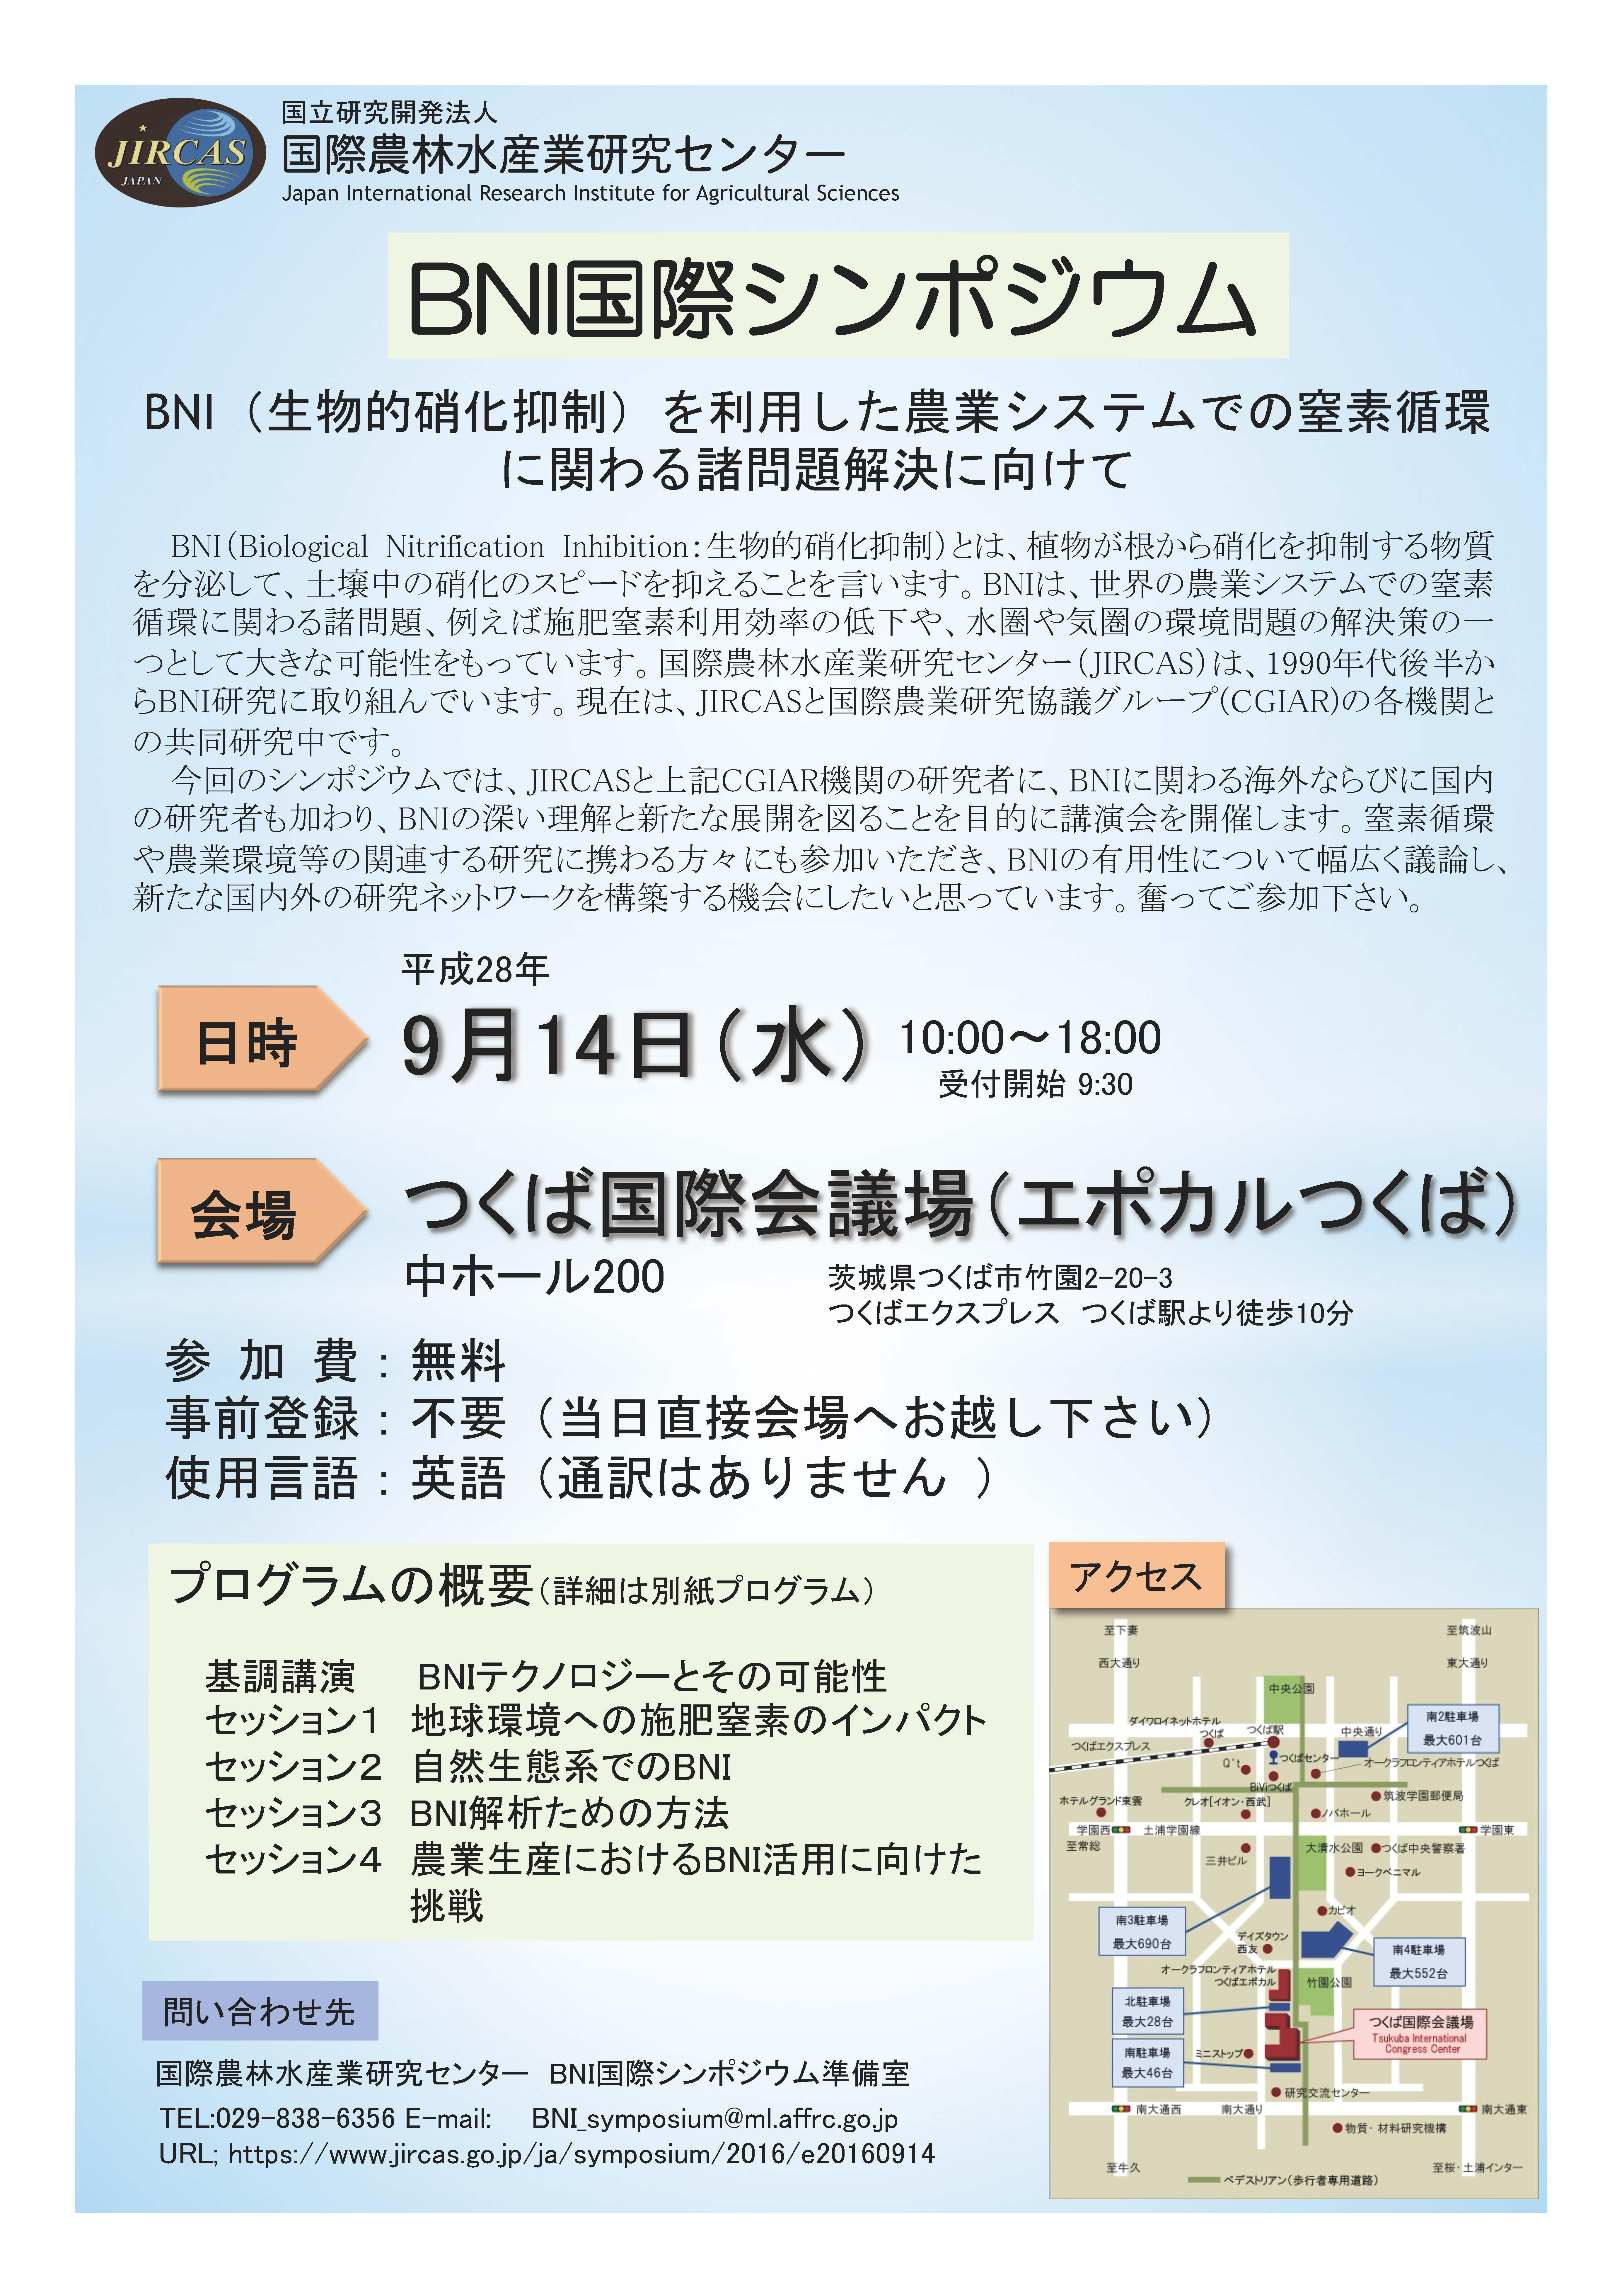 BNIシンポジウム開催案内ポスター